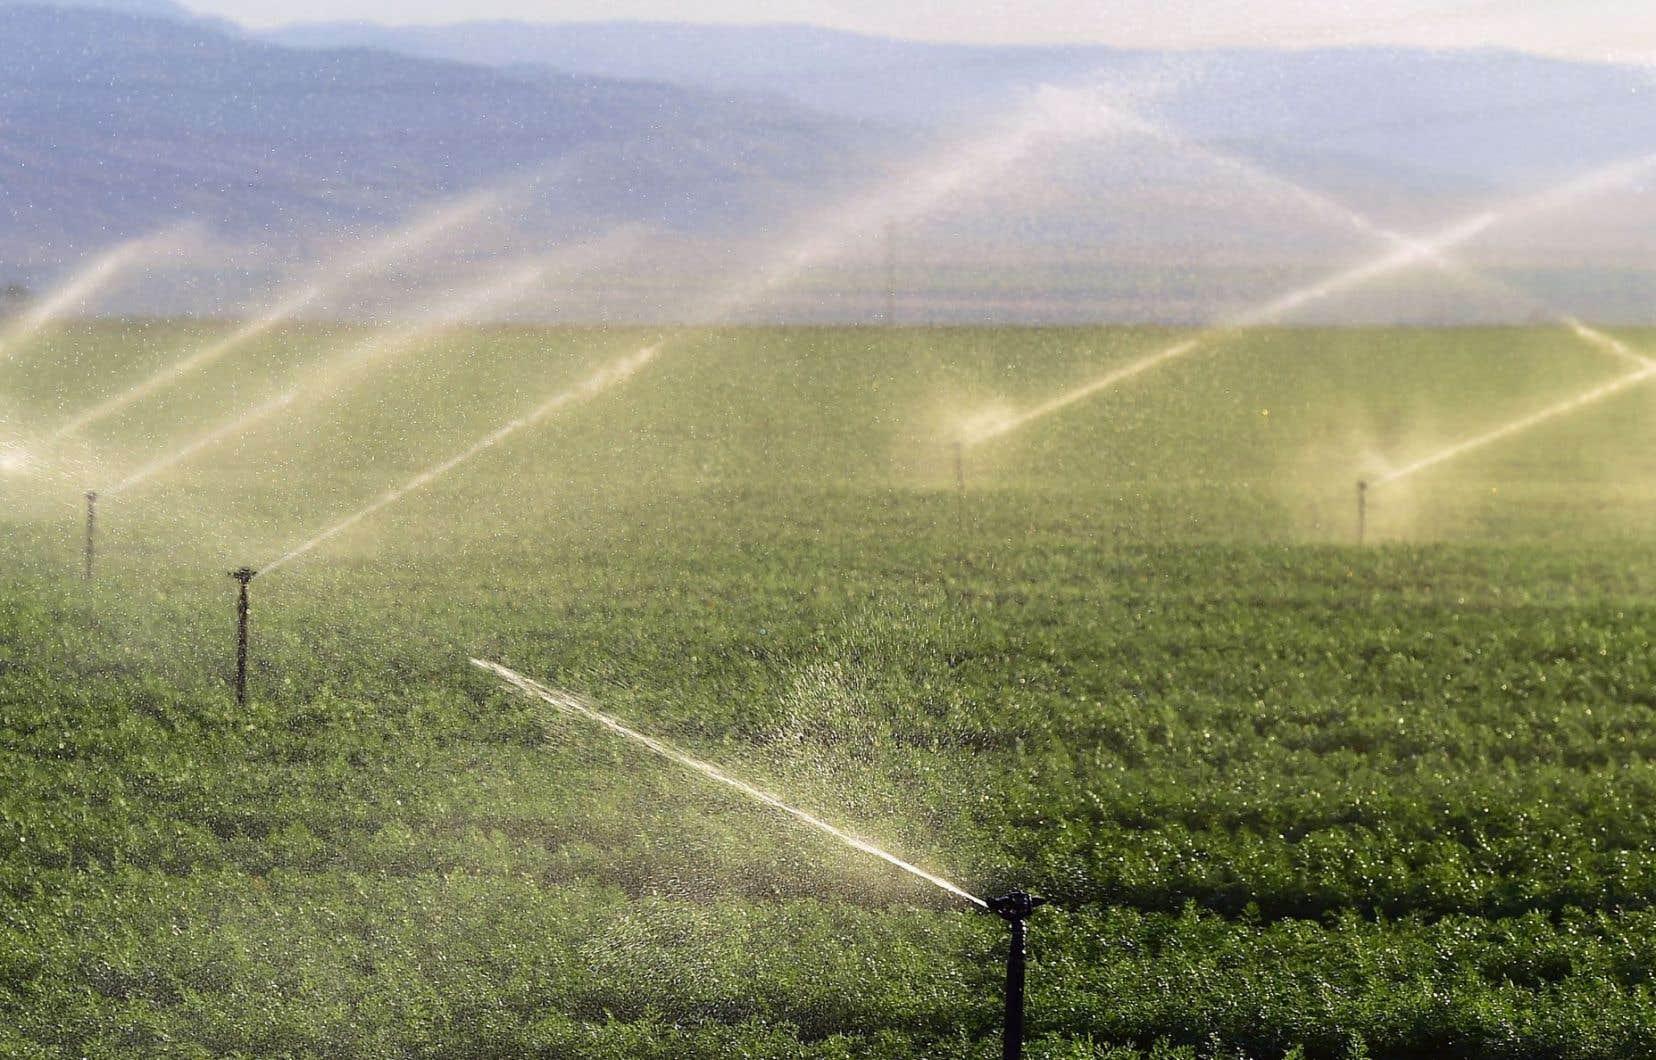 Le Fonds Desjardins SociéTerre Environnement regarde principalement les émissions de GES et la consommation d'eau.